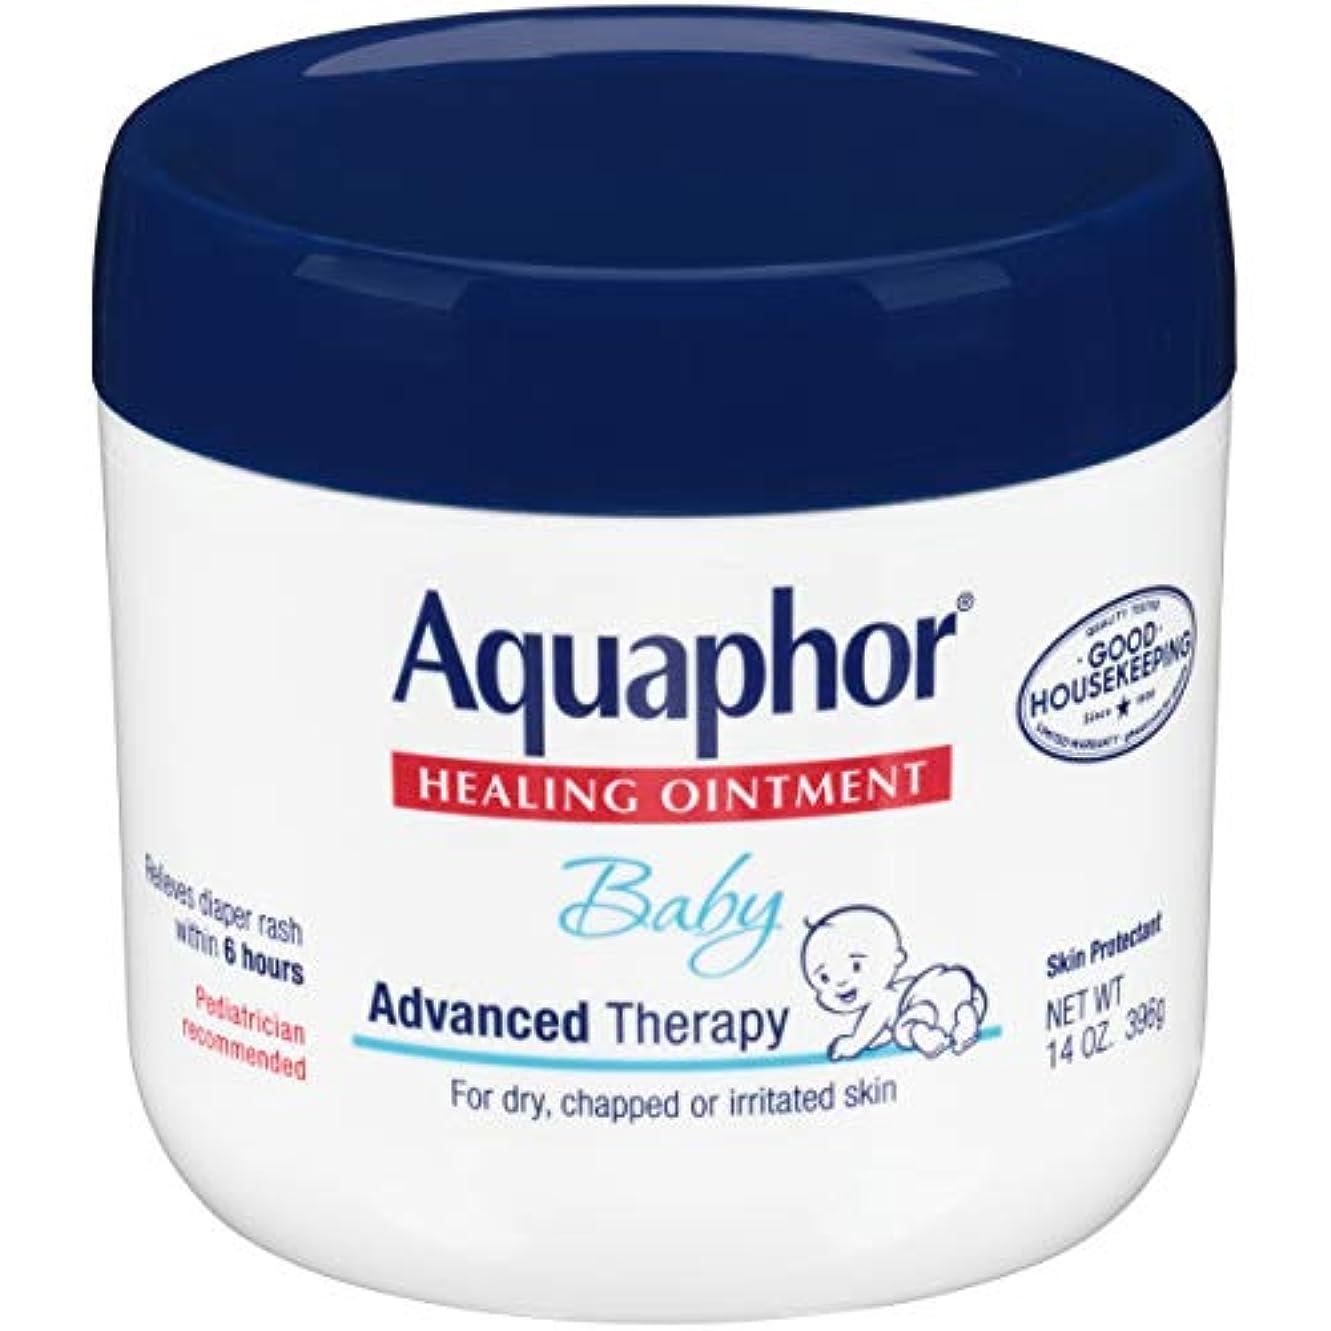 あなたが良くなりますゴミ箱を空にする軽量Aquaphor Baby Healing Ointment Advanced Therapy Skin Protectant